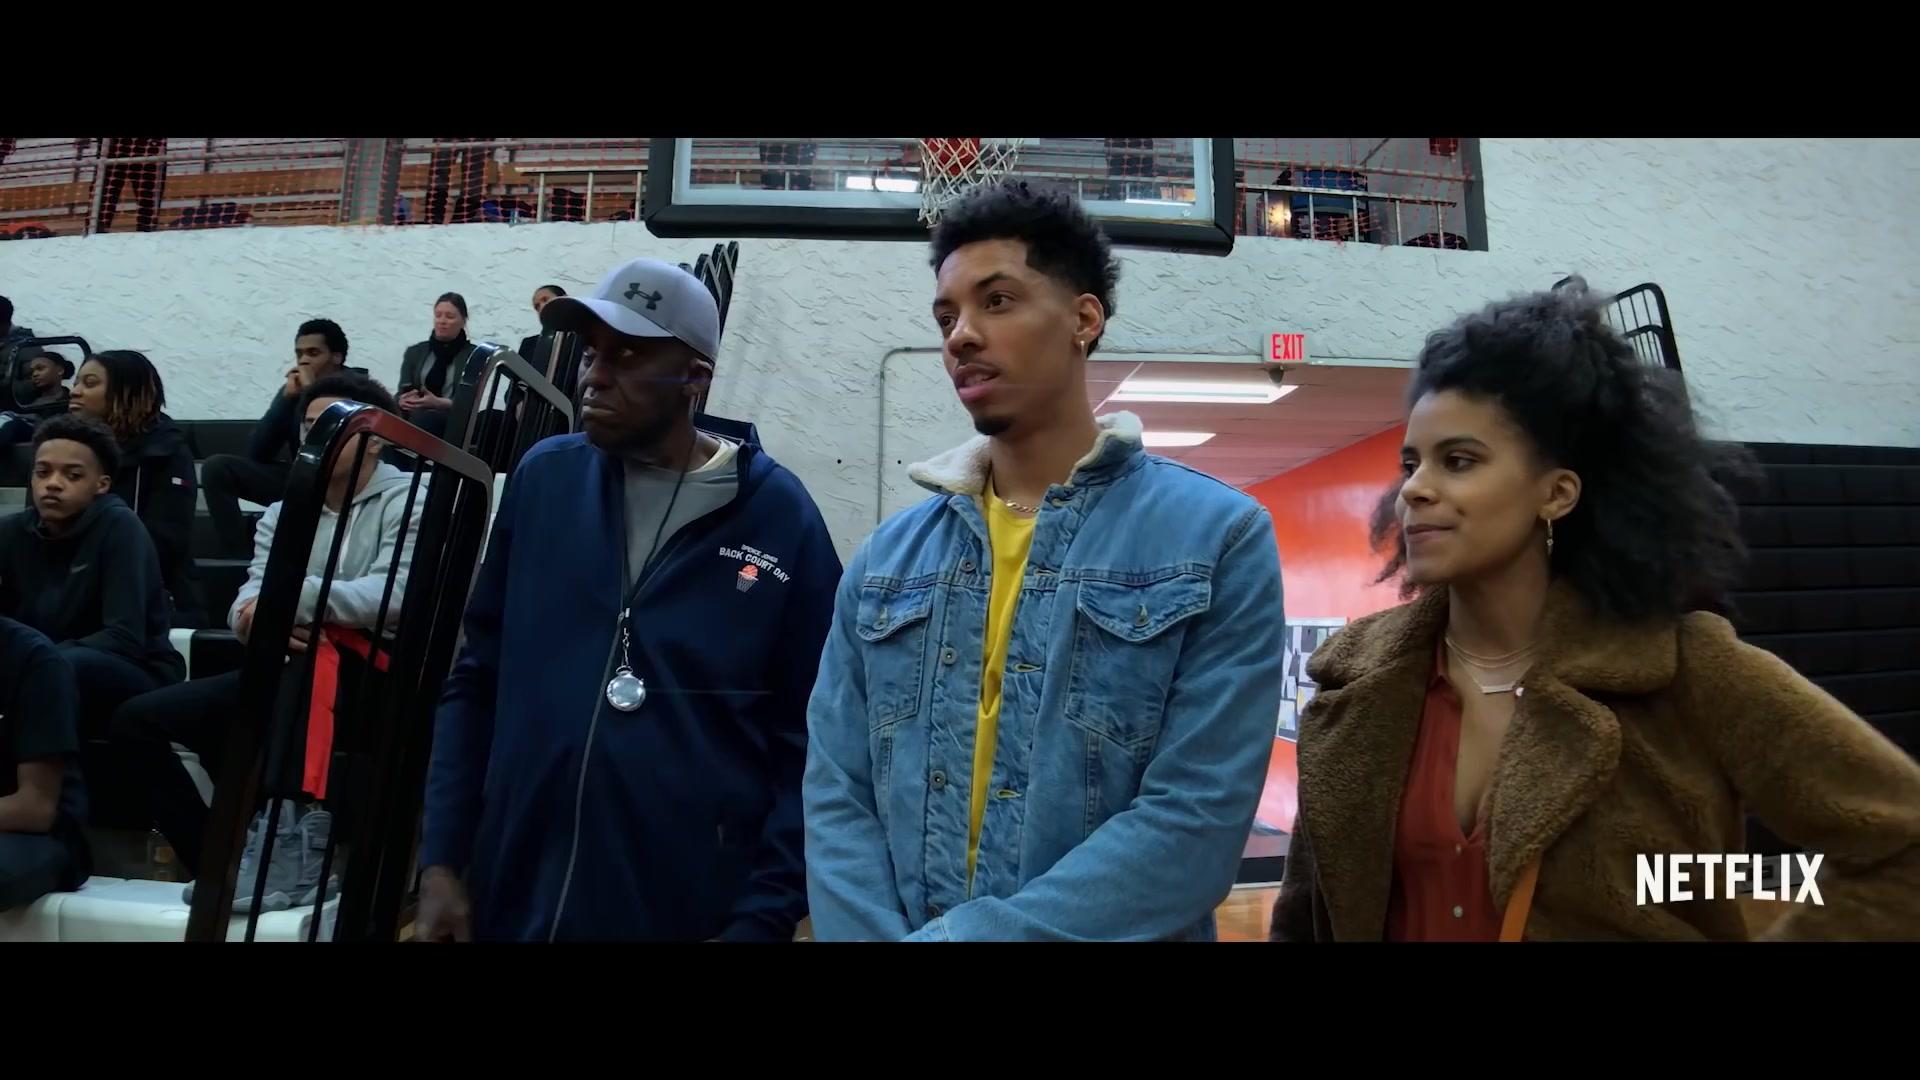 High Flying Bird Il film si svolge durante un blocco pro basket e ha un agente sportivo, André Holland, che cerca di tirare fuori un piano audace per strappare il controllo dal campionato e investirlo in i giocatori.